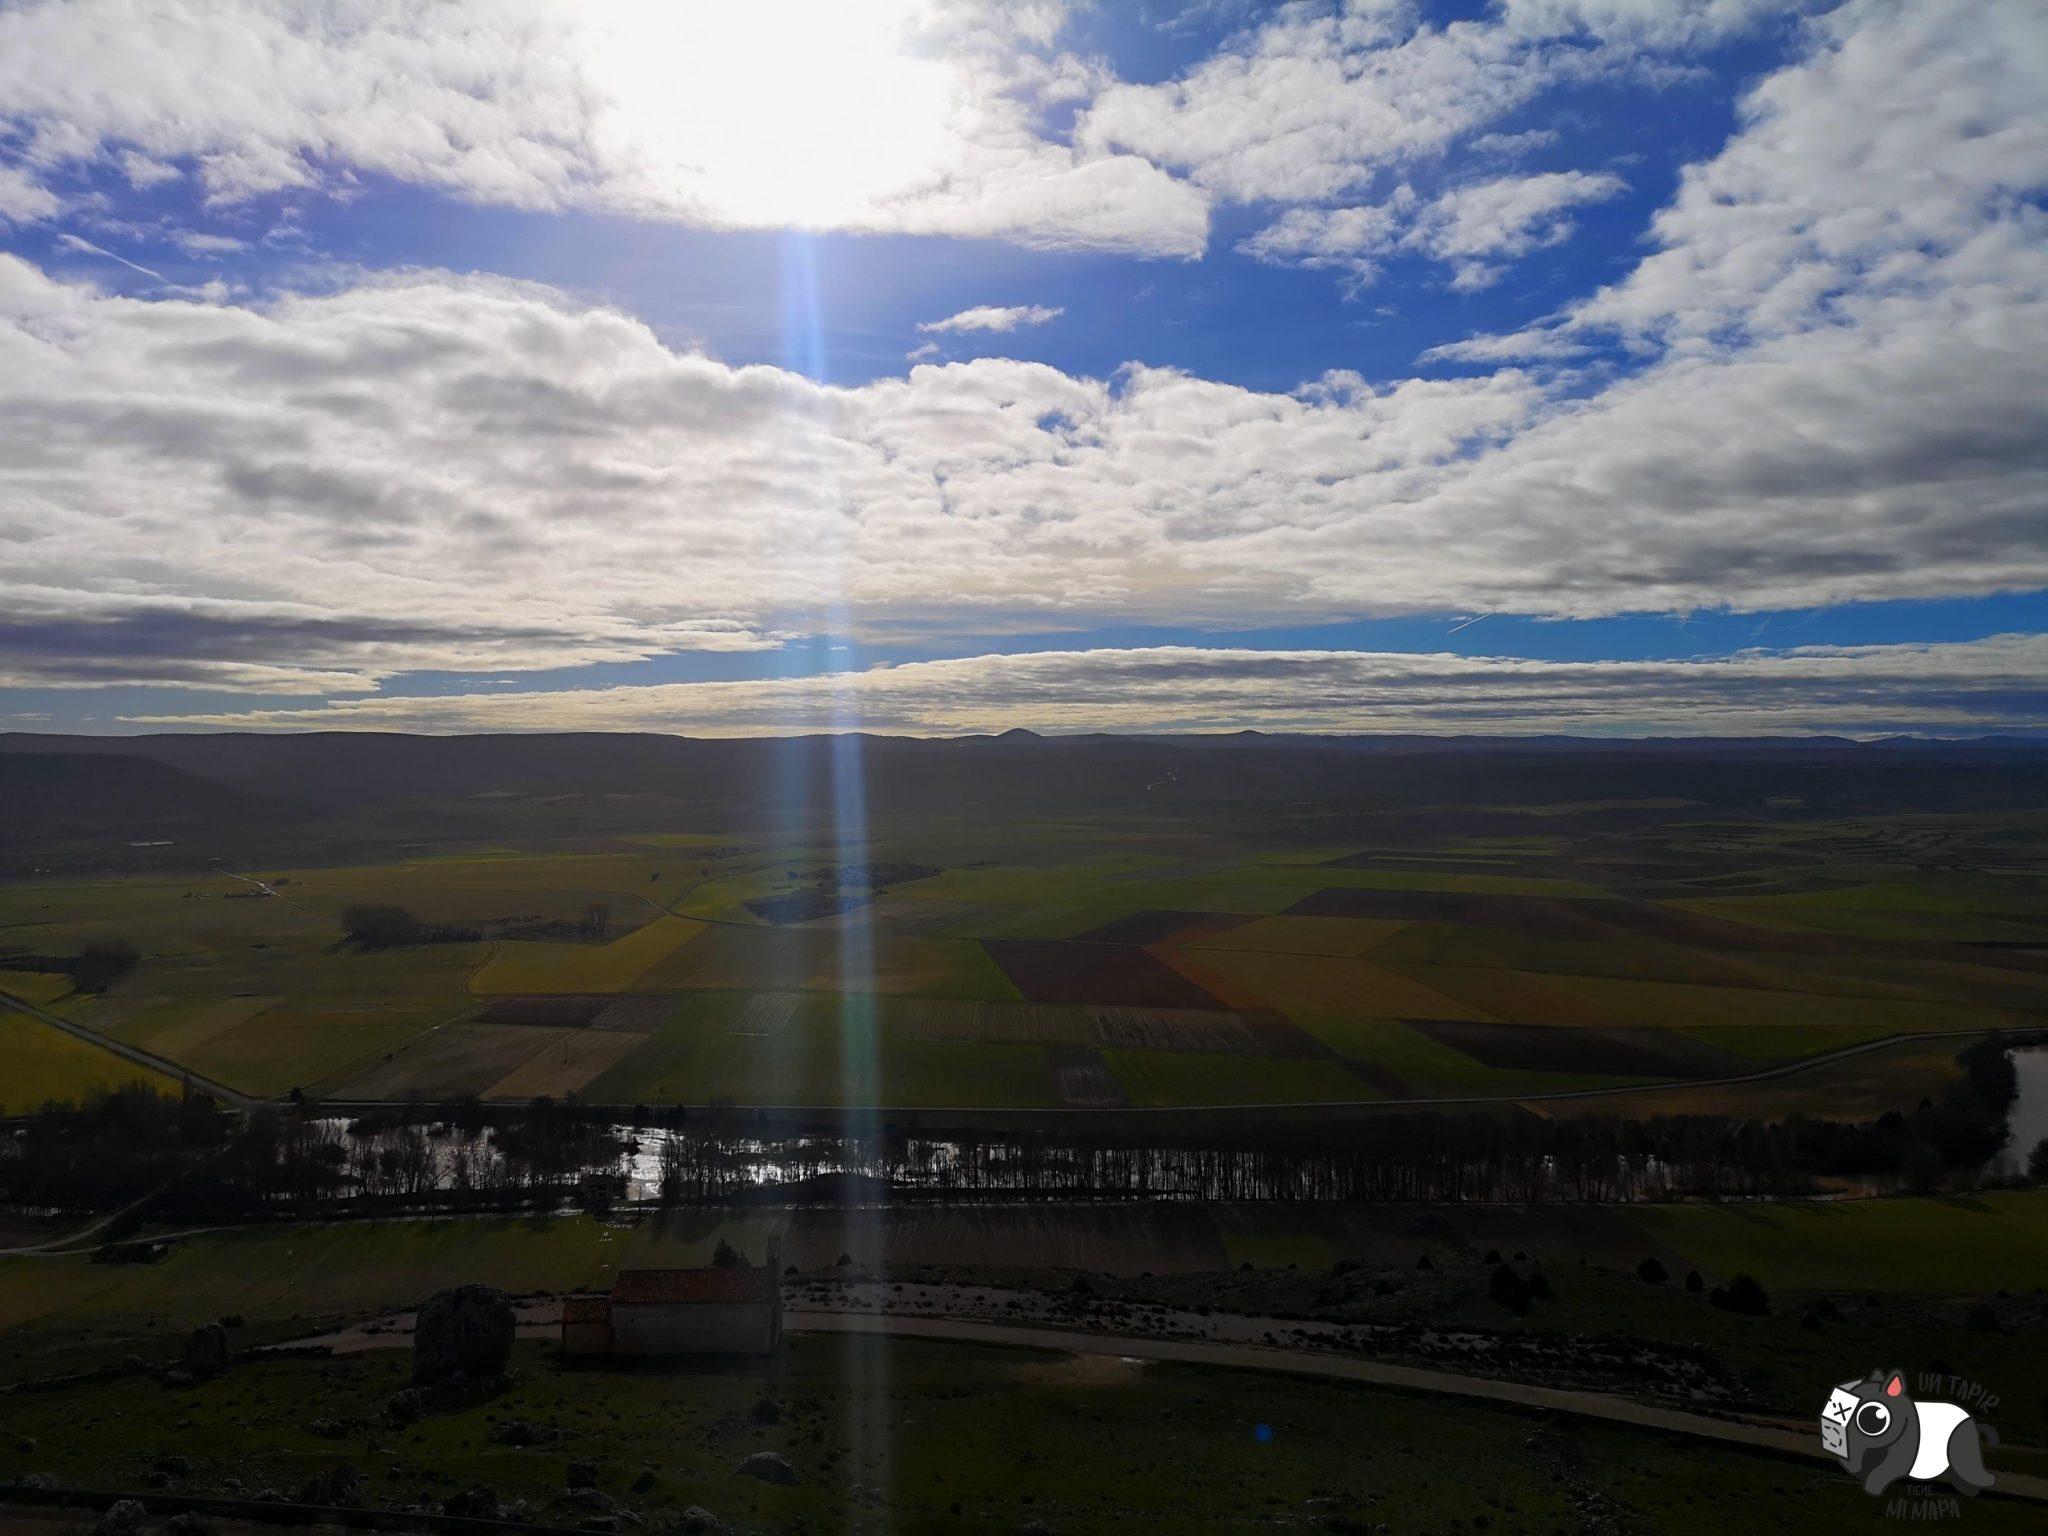 Cielo, Duero y ermita, desde lo alto del castillo de Gormaz.